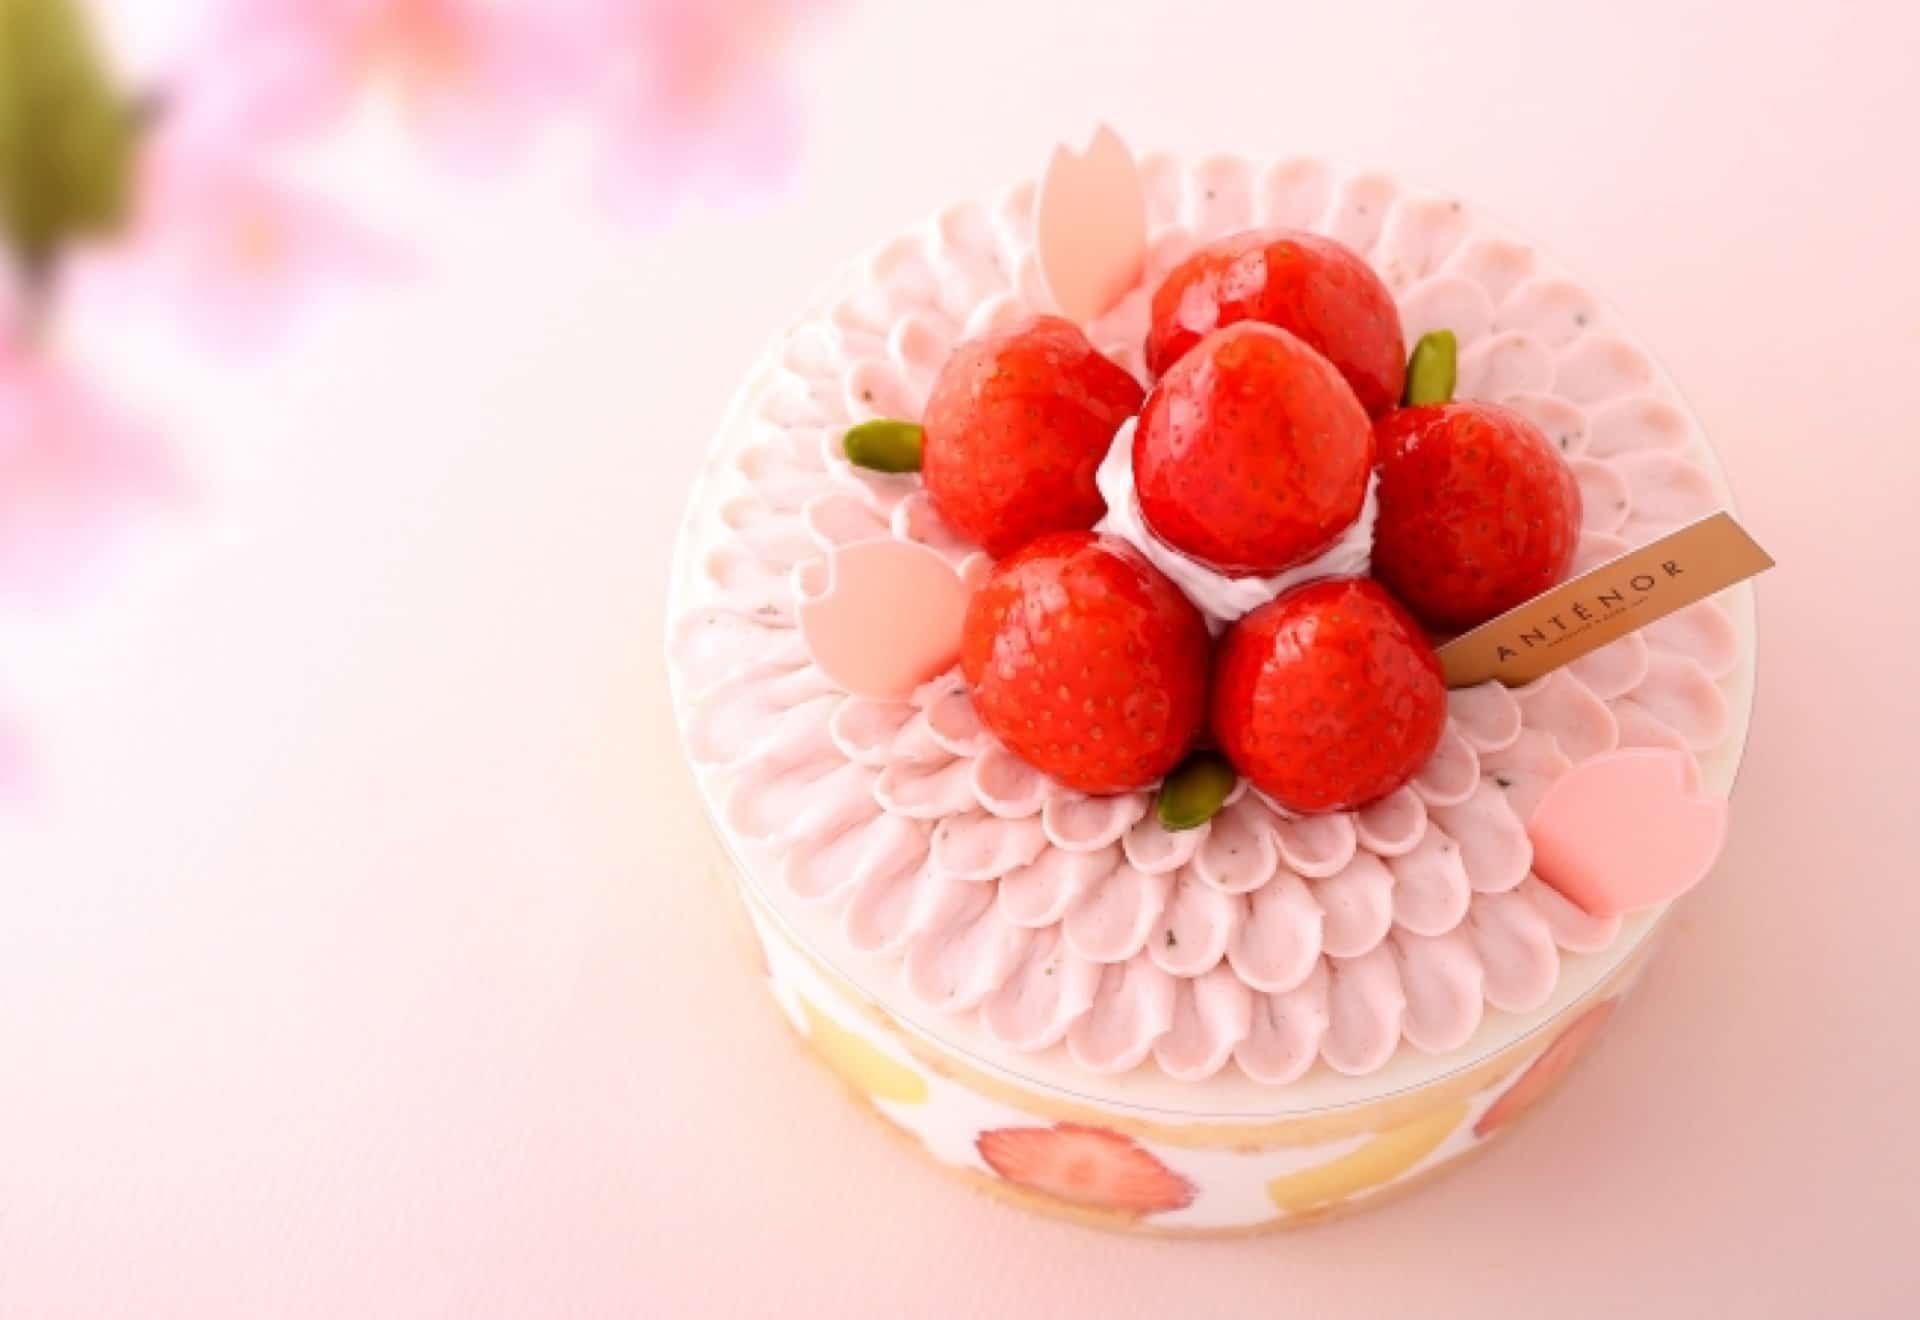 アンテノールから桜のケーキ&春の焼き菓子が登場!春爛漫なスイーツはおもたせにもぴったり